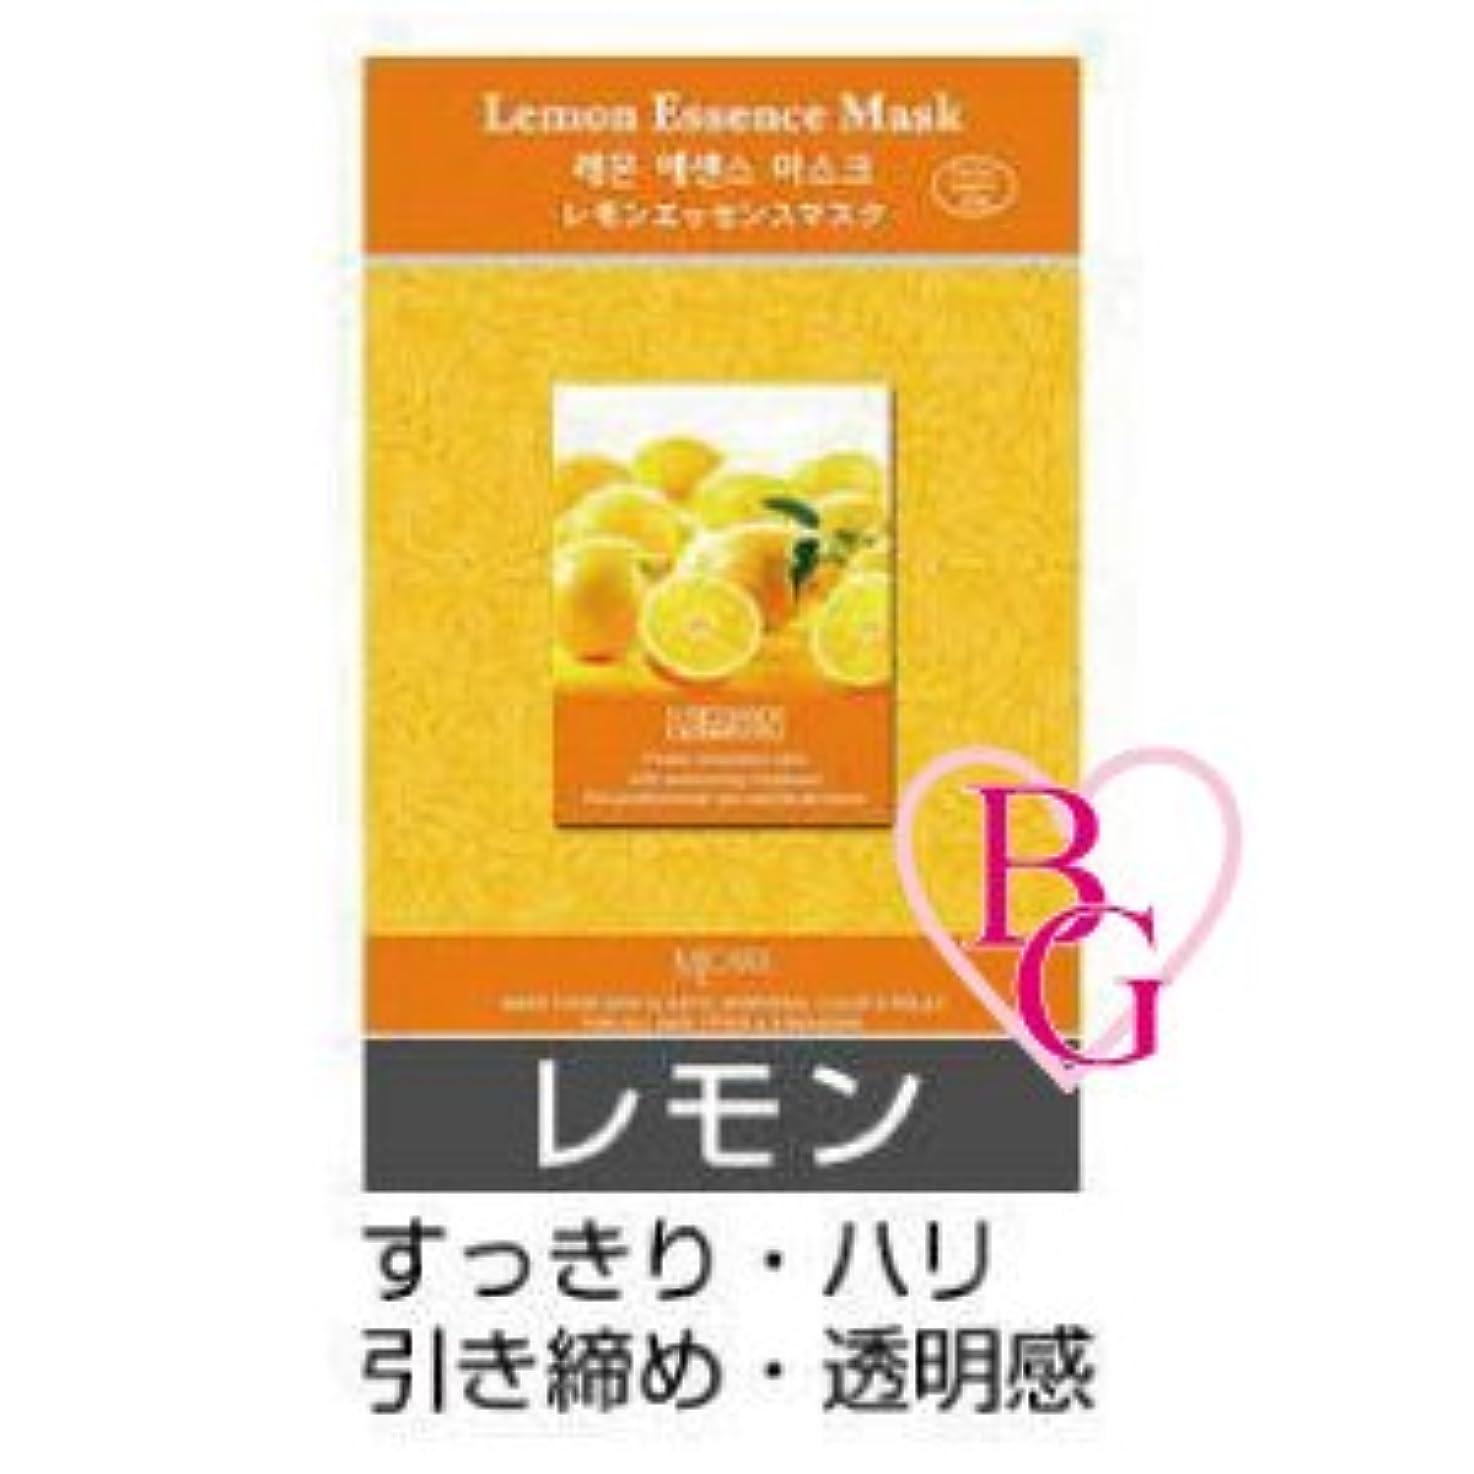 スポットに勝る部族フェイスパック レモン 韓国コスメ MIJIN(ミジン)コスメ 口コミ ランキング No1 おすすめ シートマスク 10枚